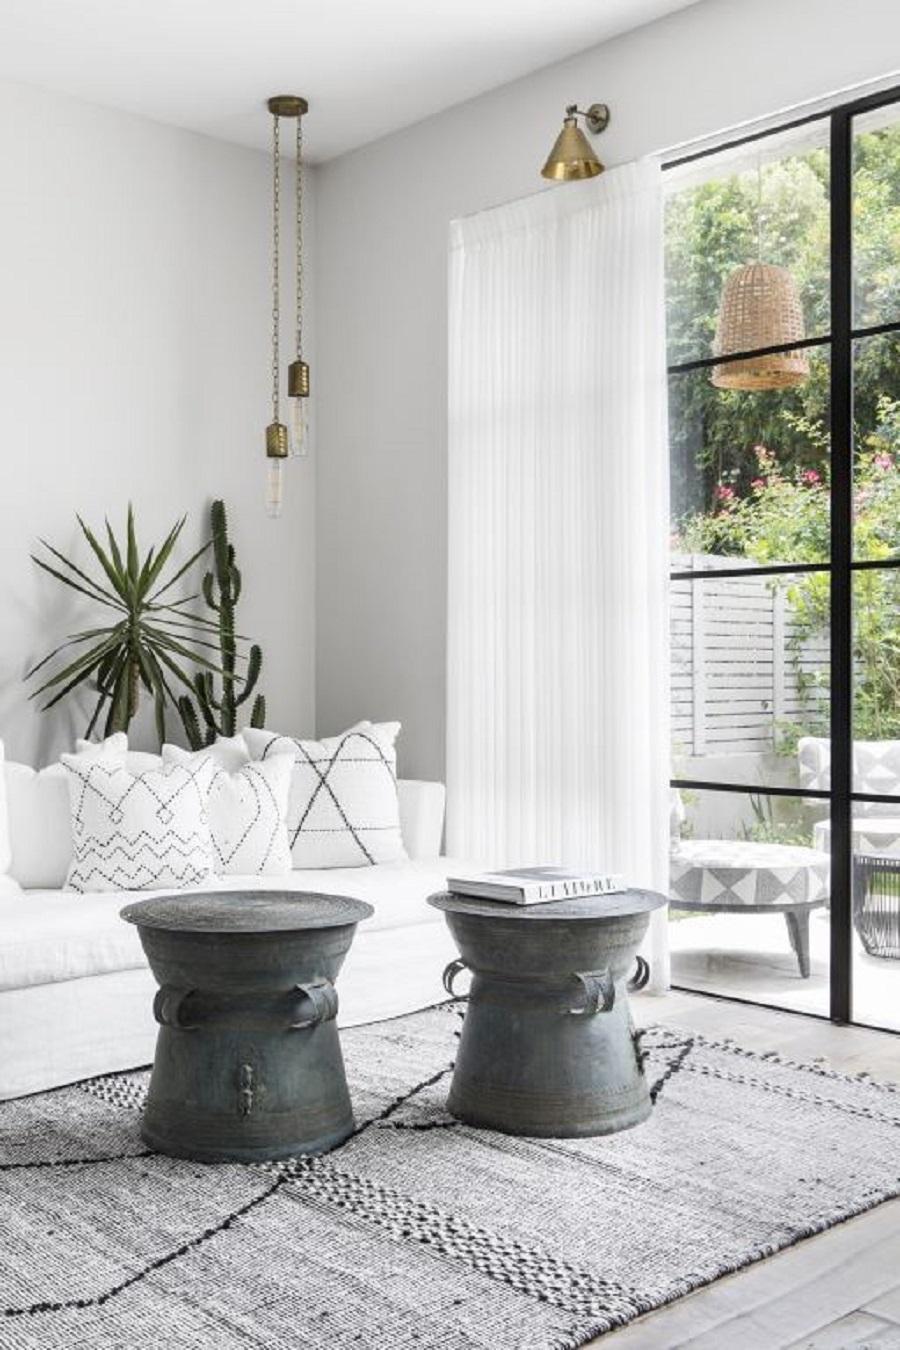 סלון יפה ספה לבנה ושטיח נורדי